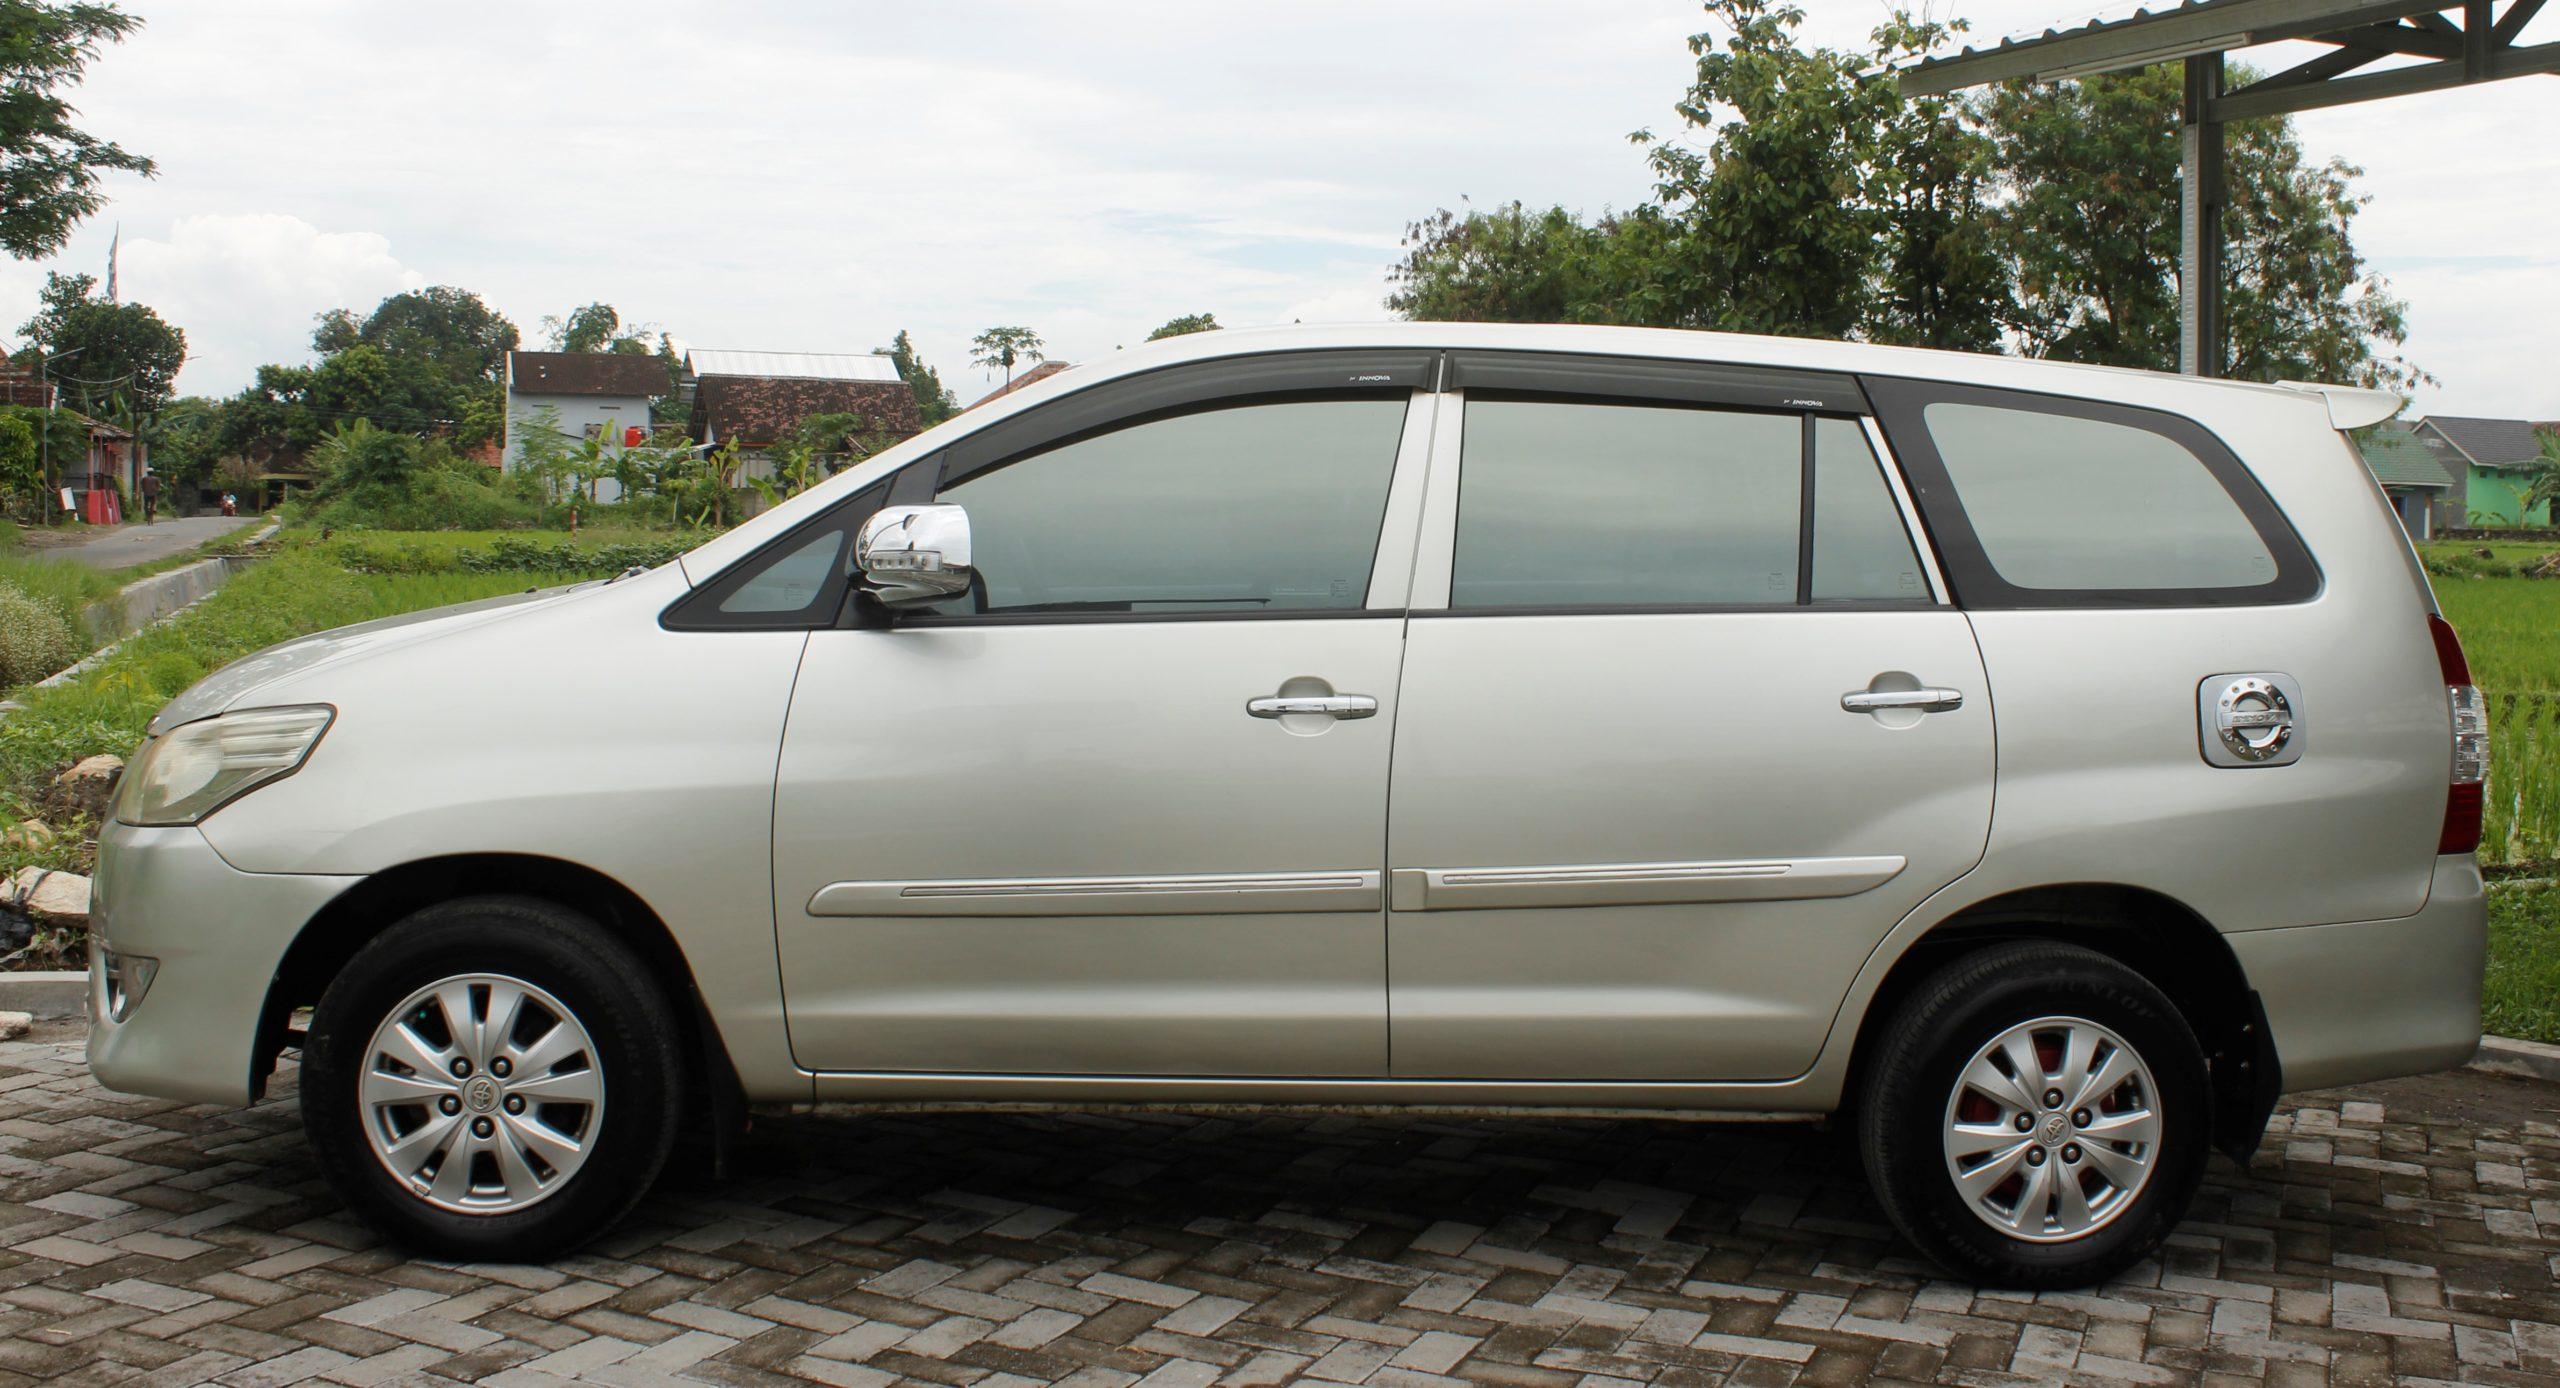 Huurauto Java Bali Toyota Innova